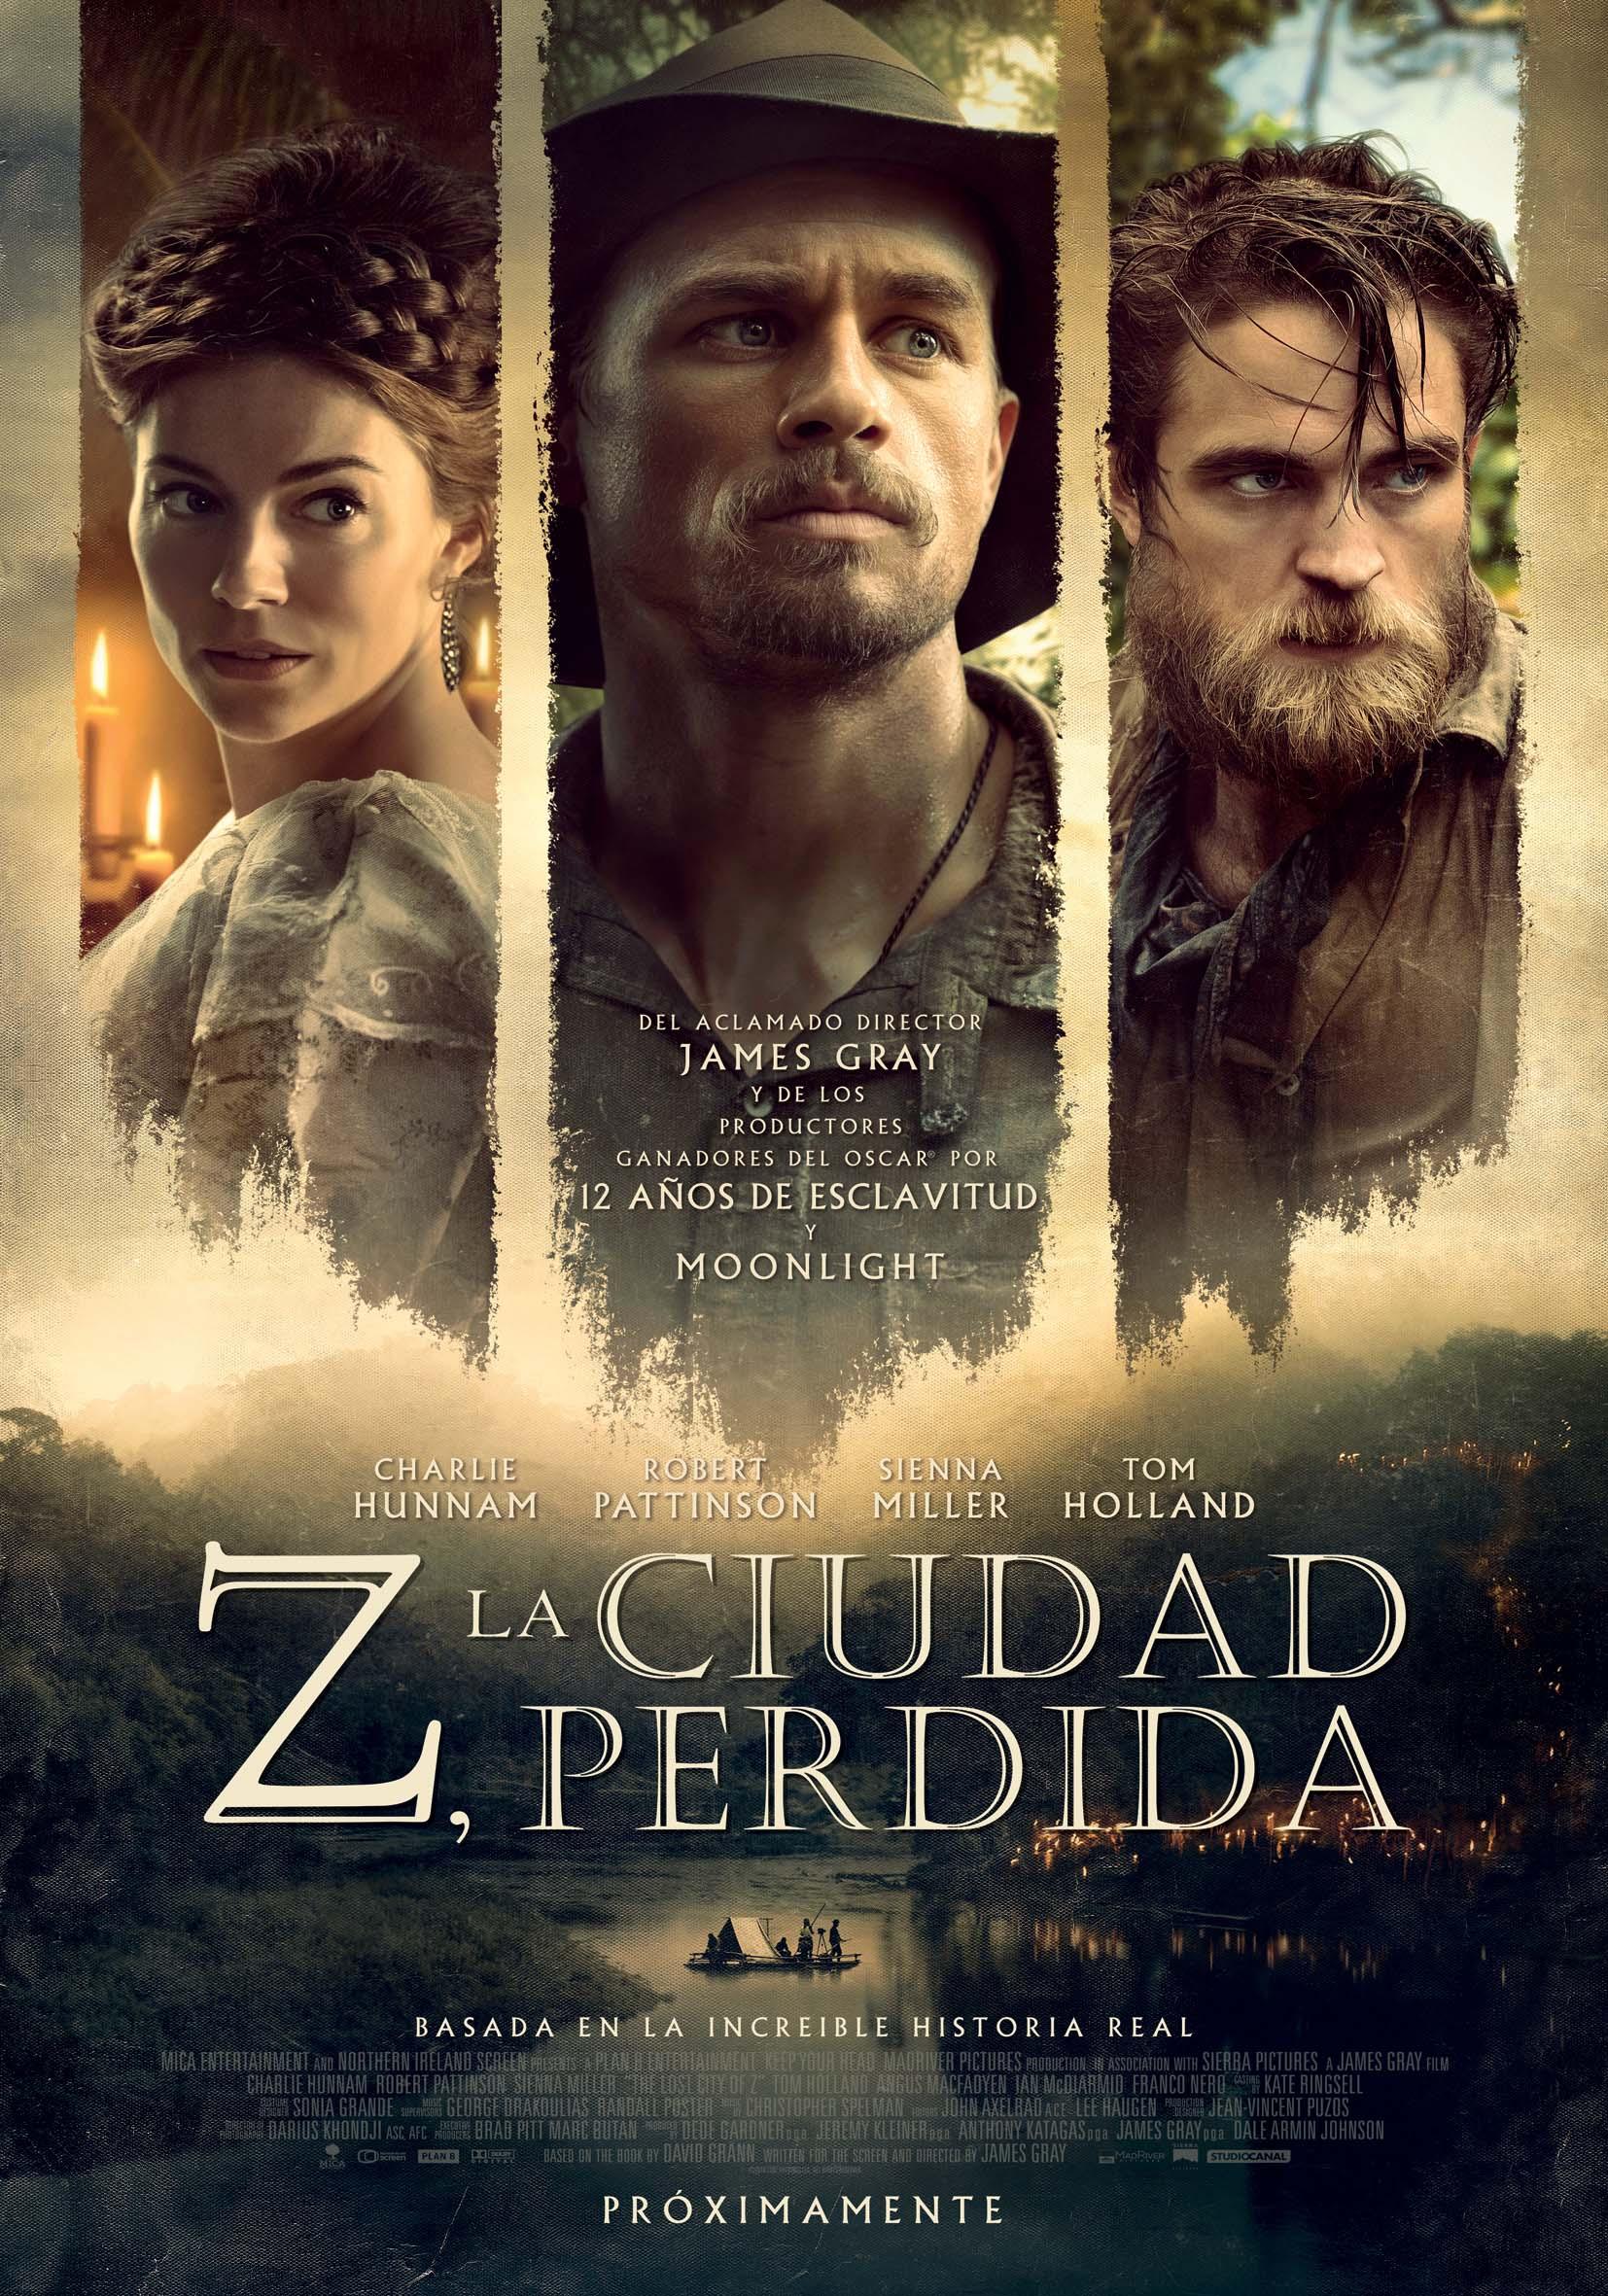 https://www.andesfilms.com.pe/z-la-ciudad-perdida/